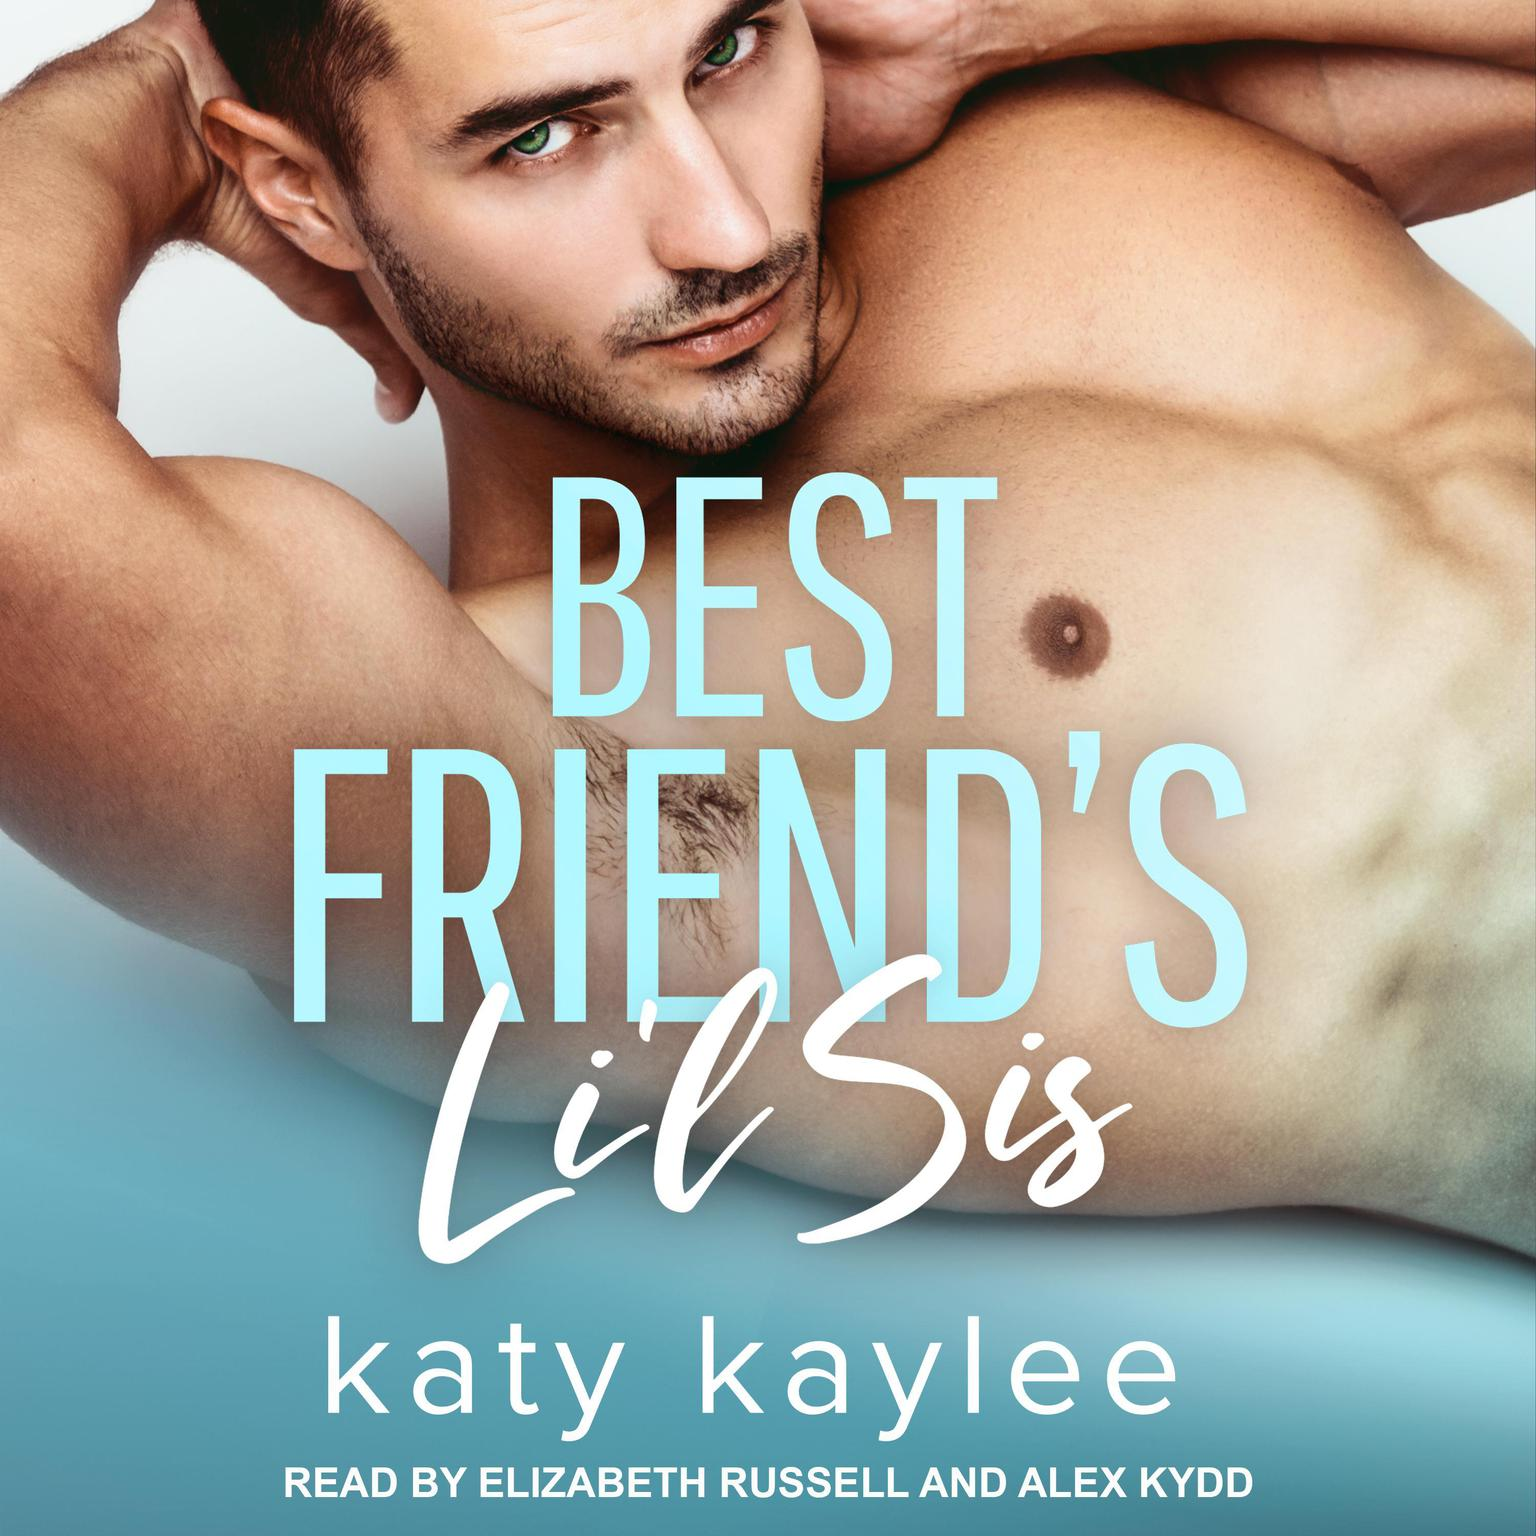 Best Friends Lil Sis Audiobook, by Katy Kaylee